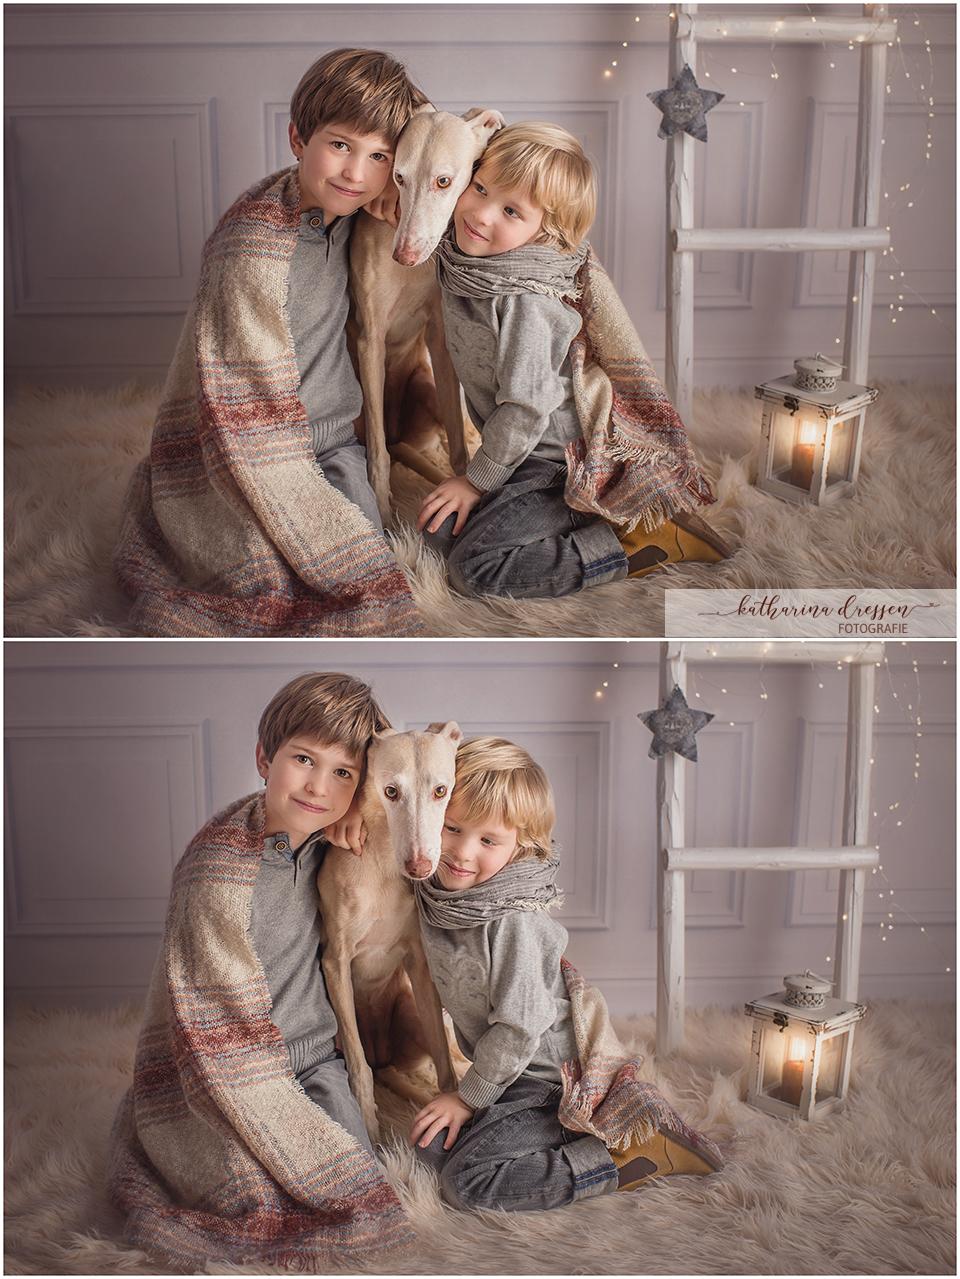 4_Kinderfotograf_Kinderfotoshooting_Familienbilder_Kinder-Fotoshooting_Fotograf_NRW_mit_Hund_Podenco_Kinderfotos_Familienfotoshooting